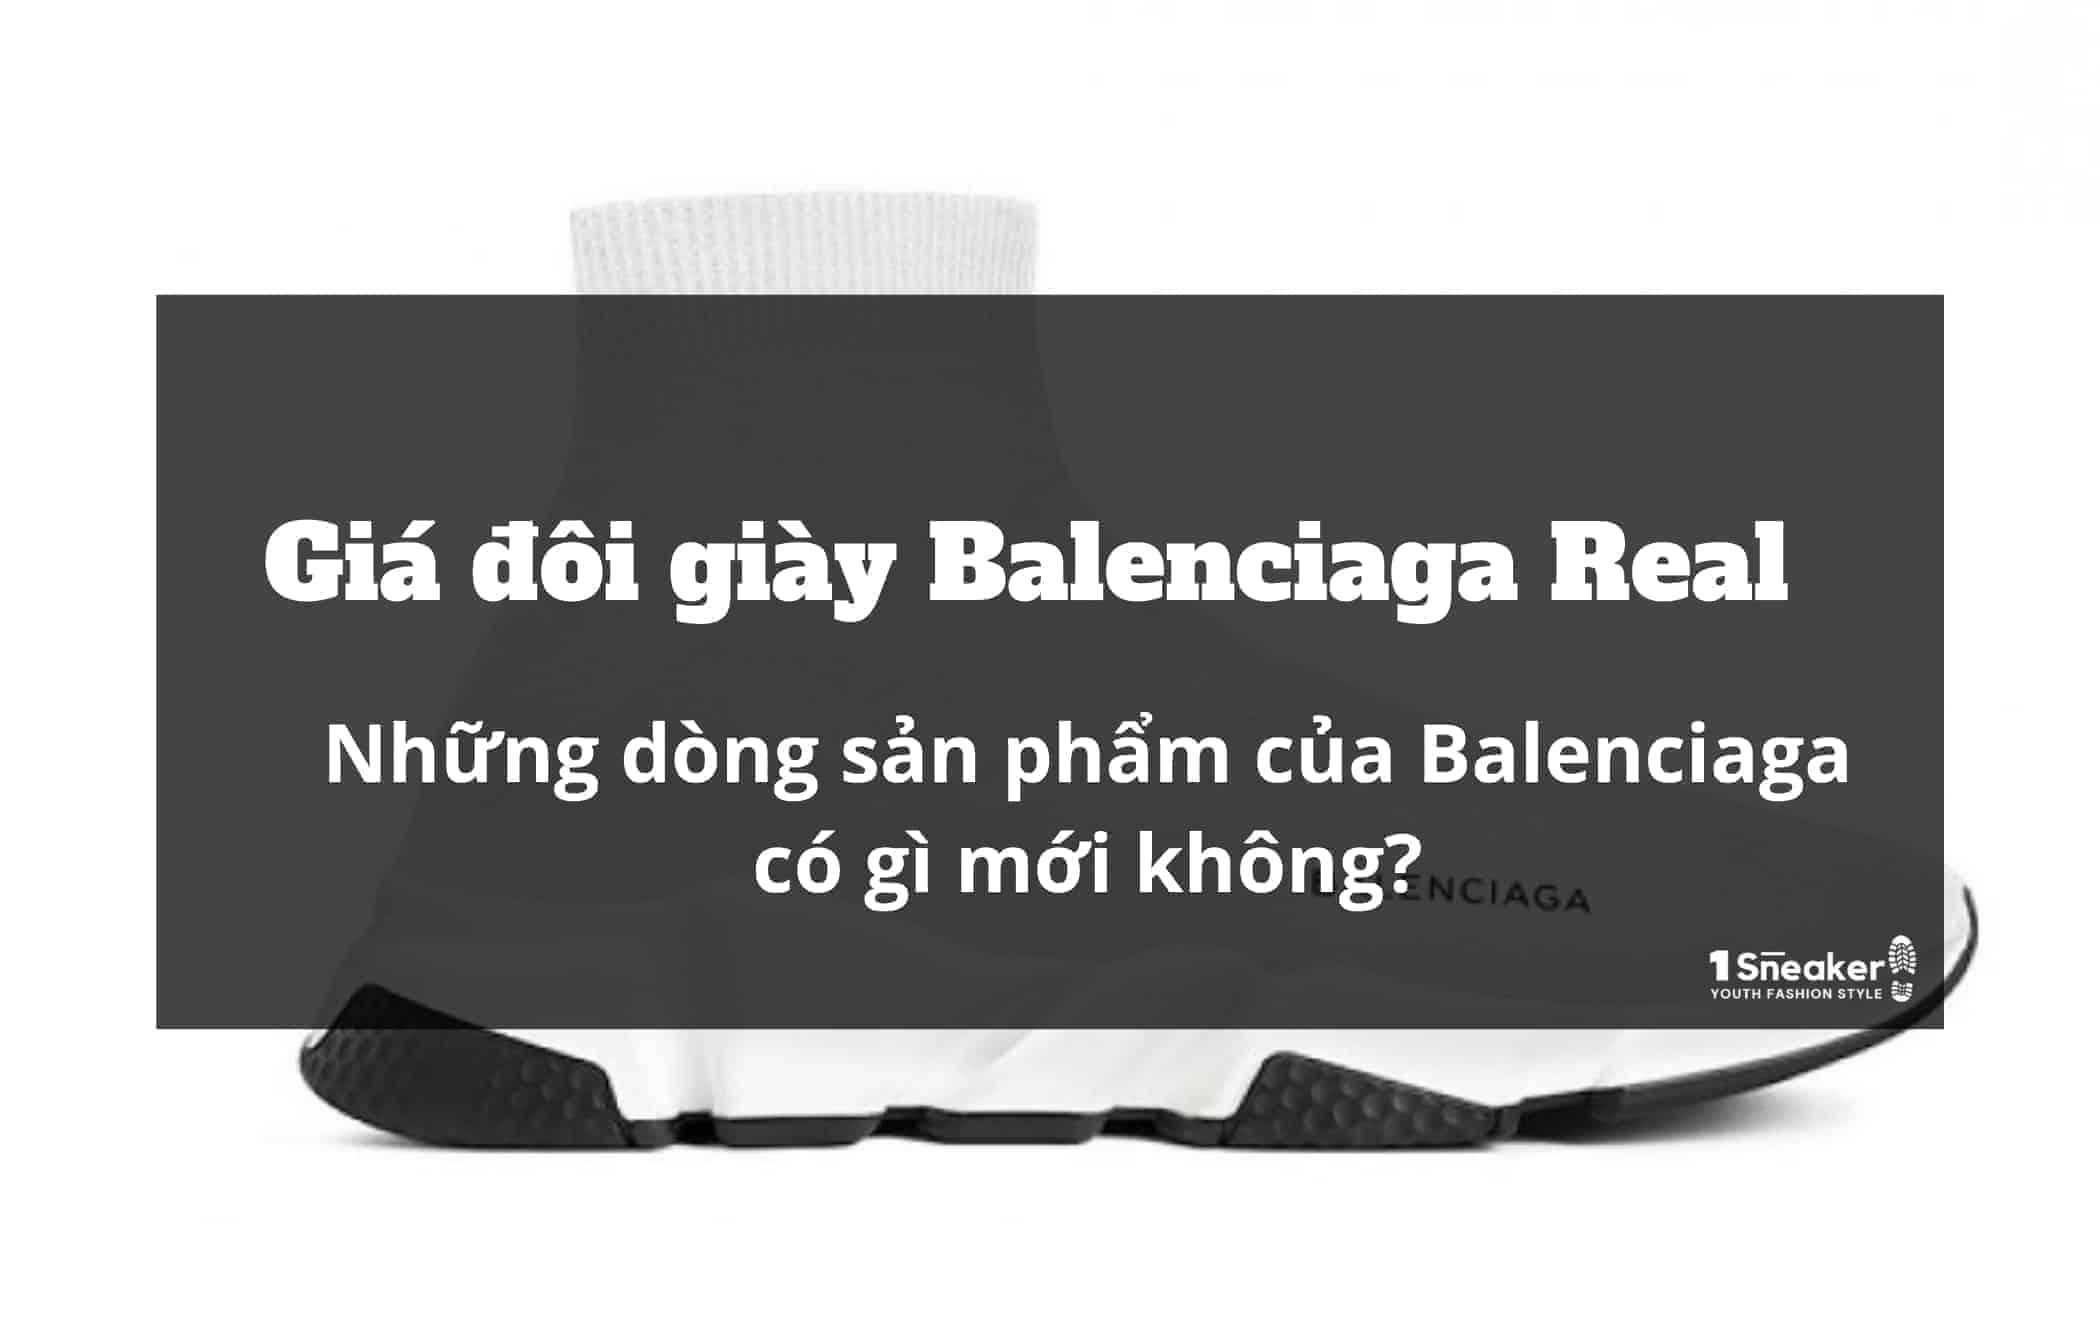 Gia doi giay Balenciaga Real